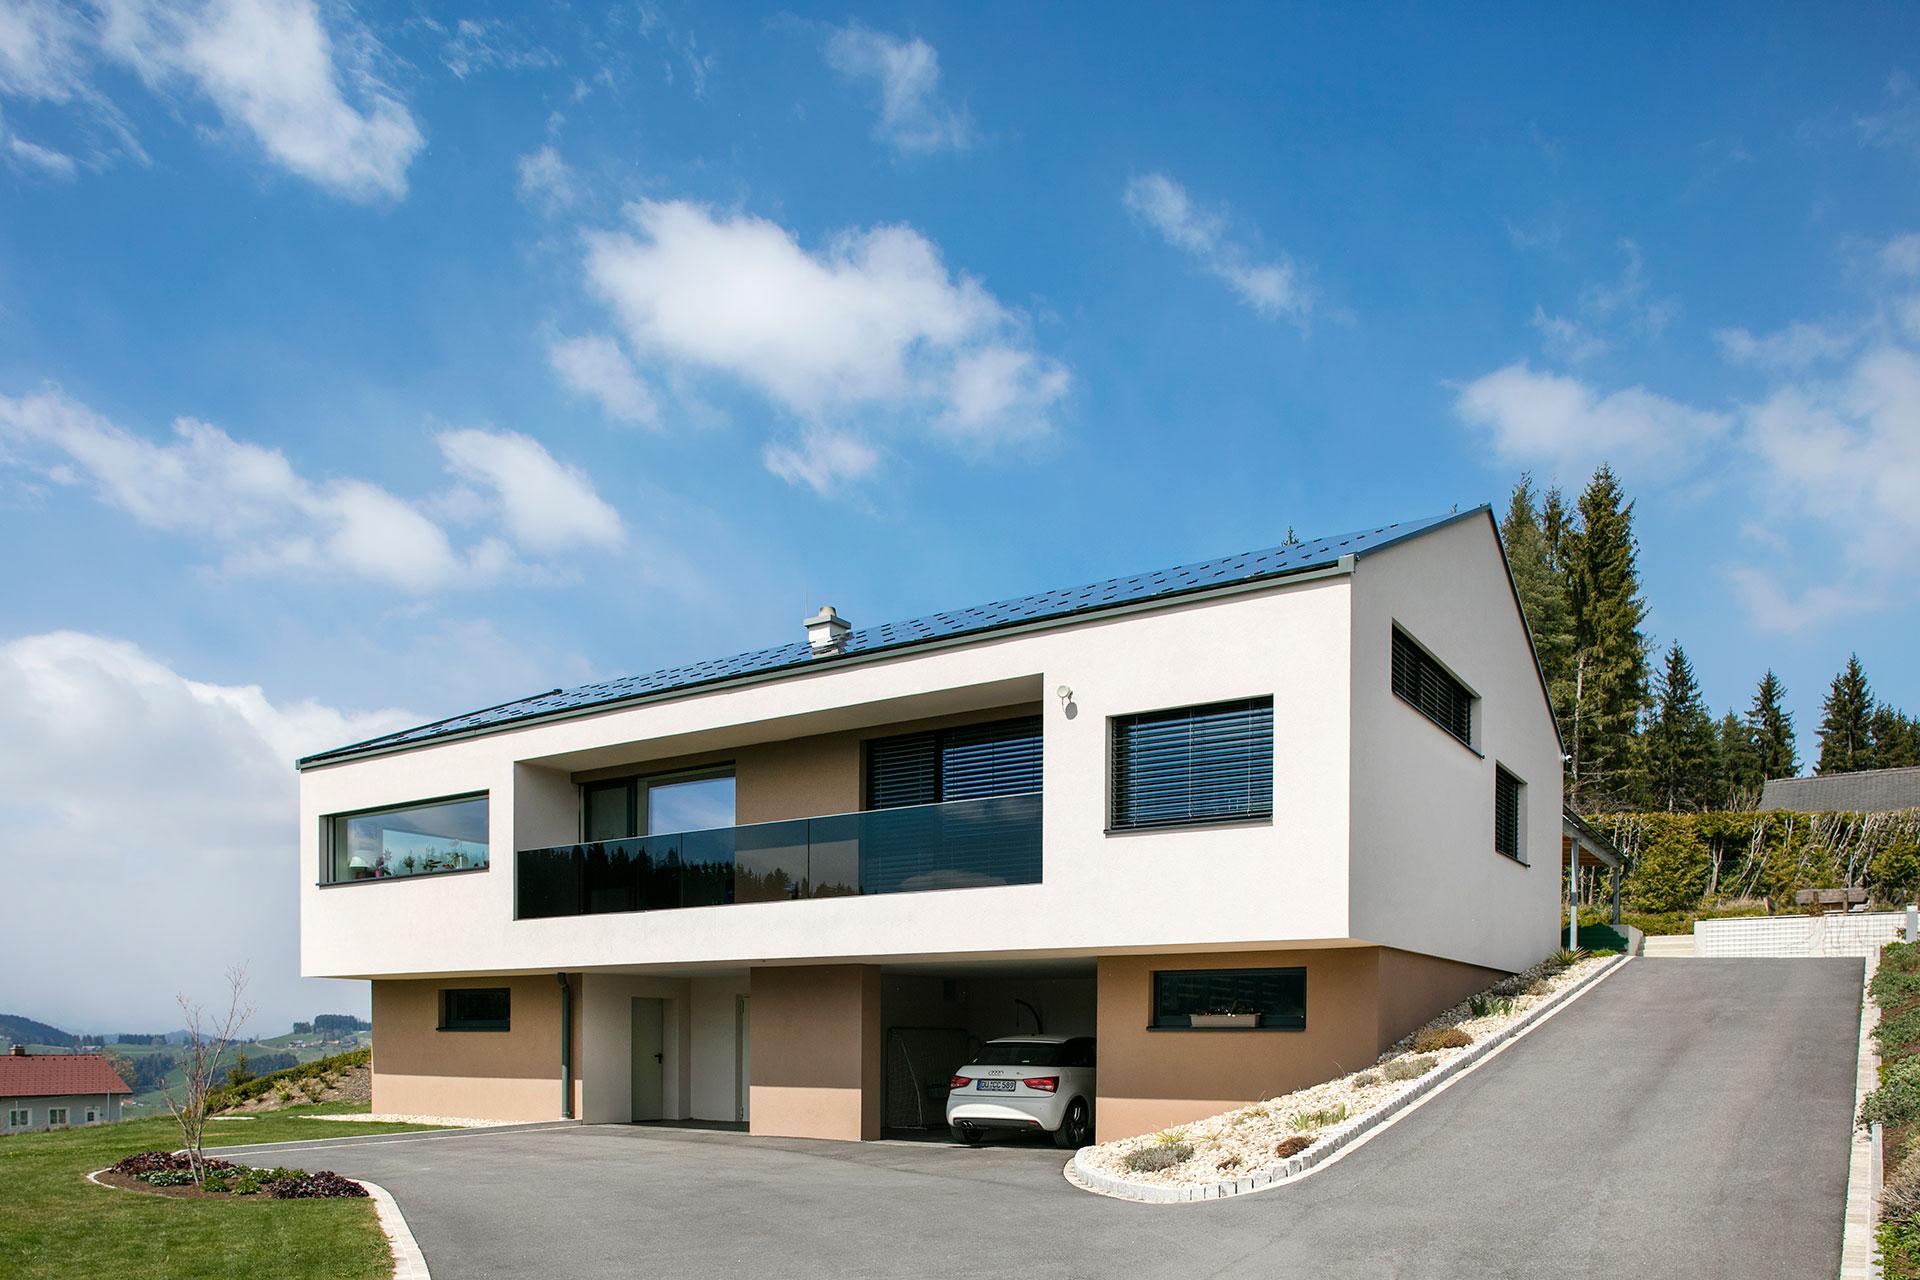 Energieautarkes Landhaus Kaltenegger Und Partner Architekten